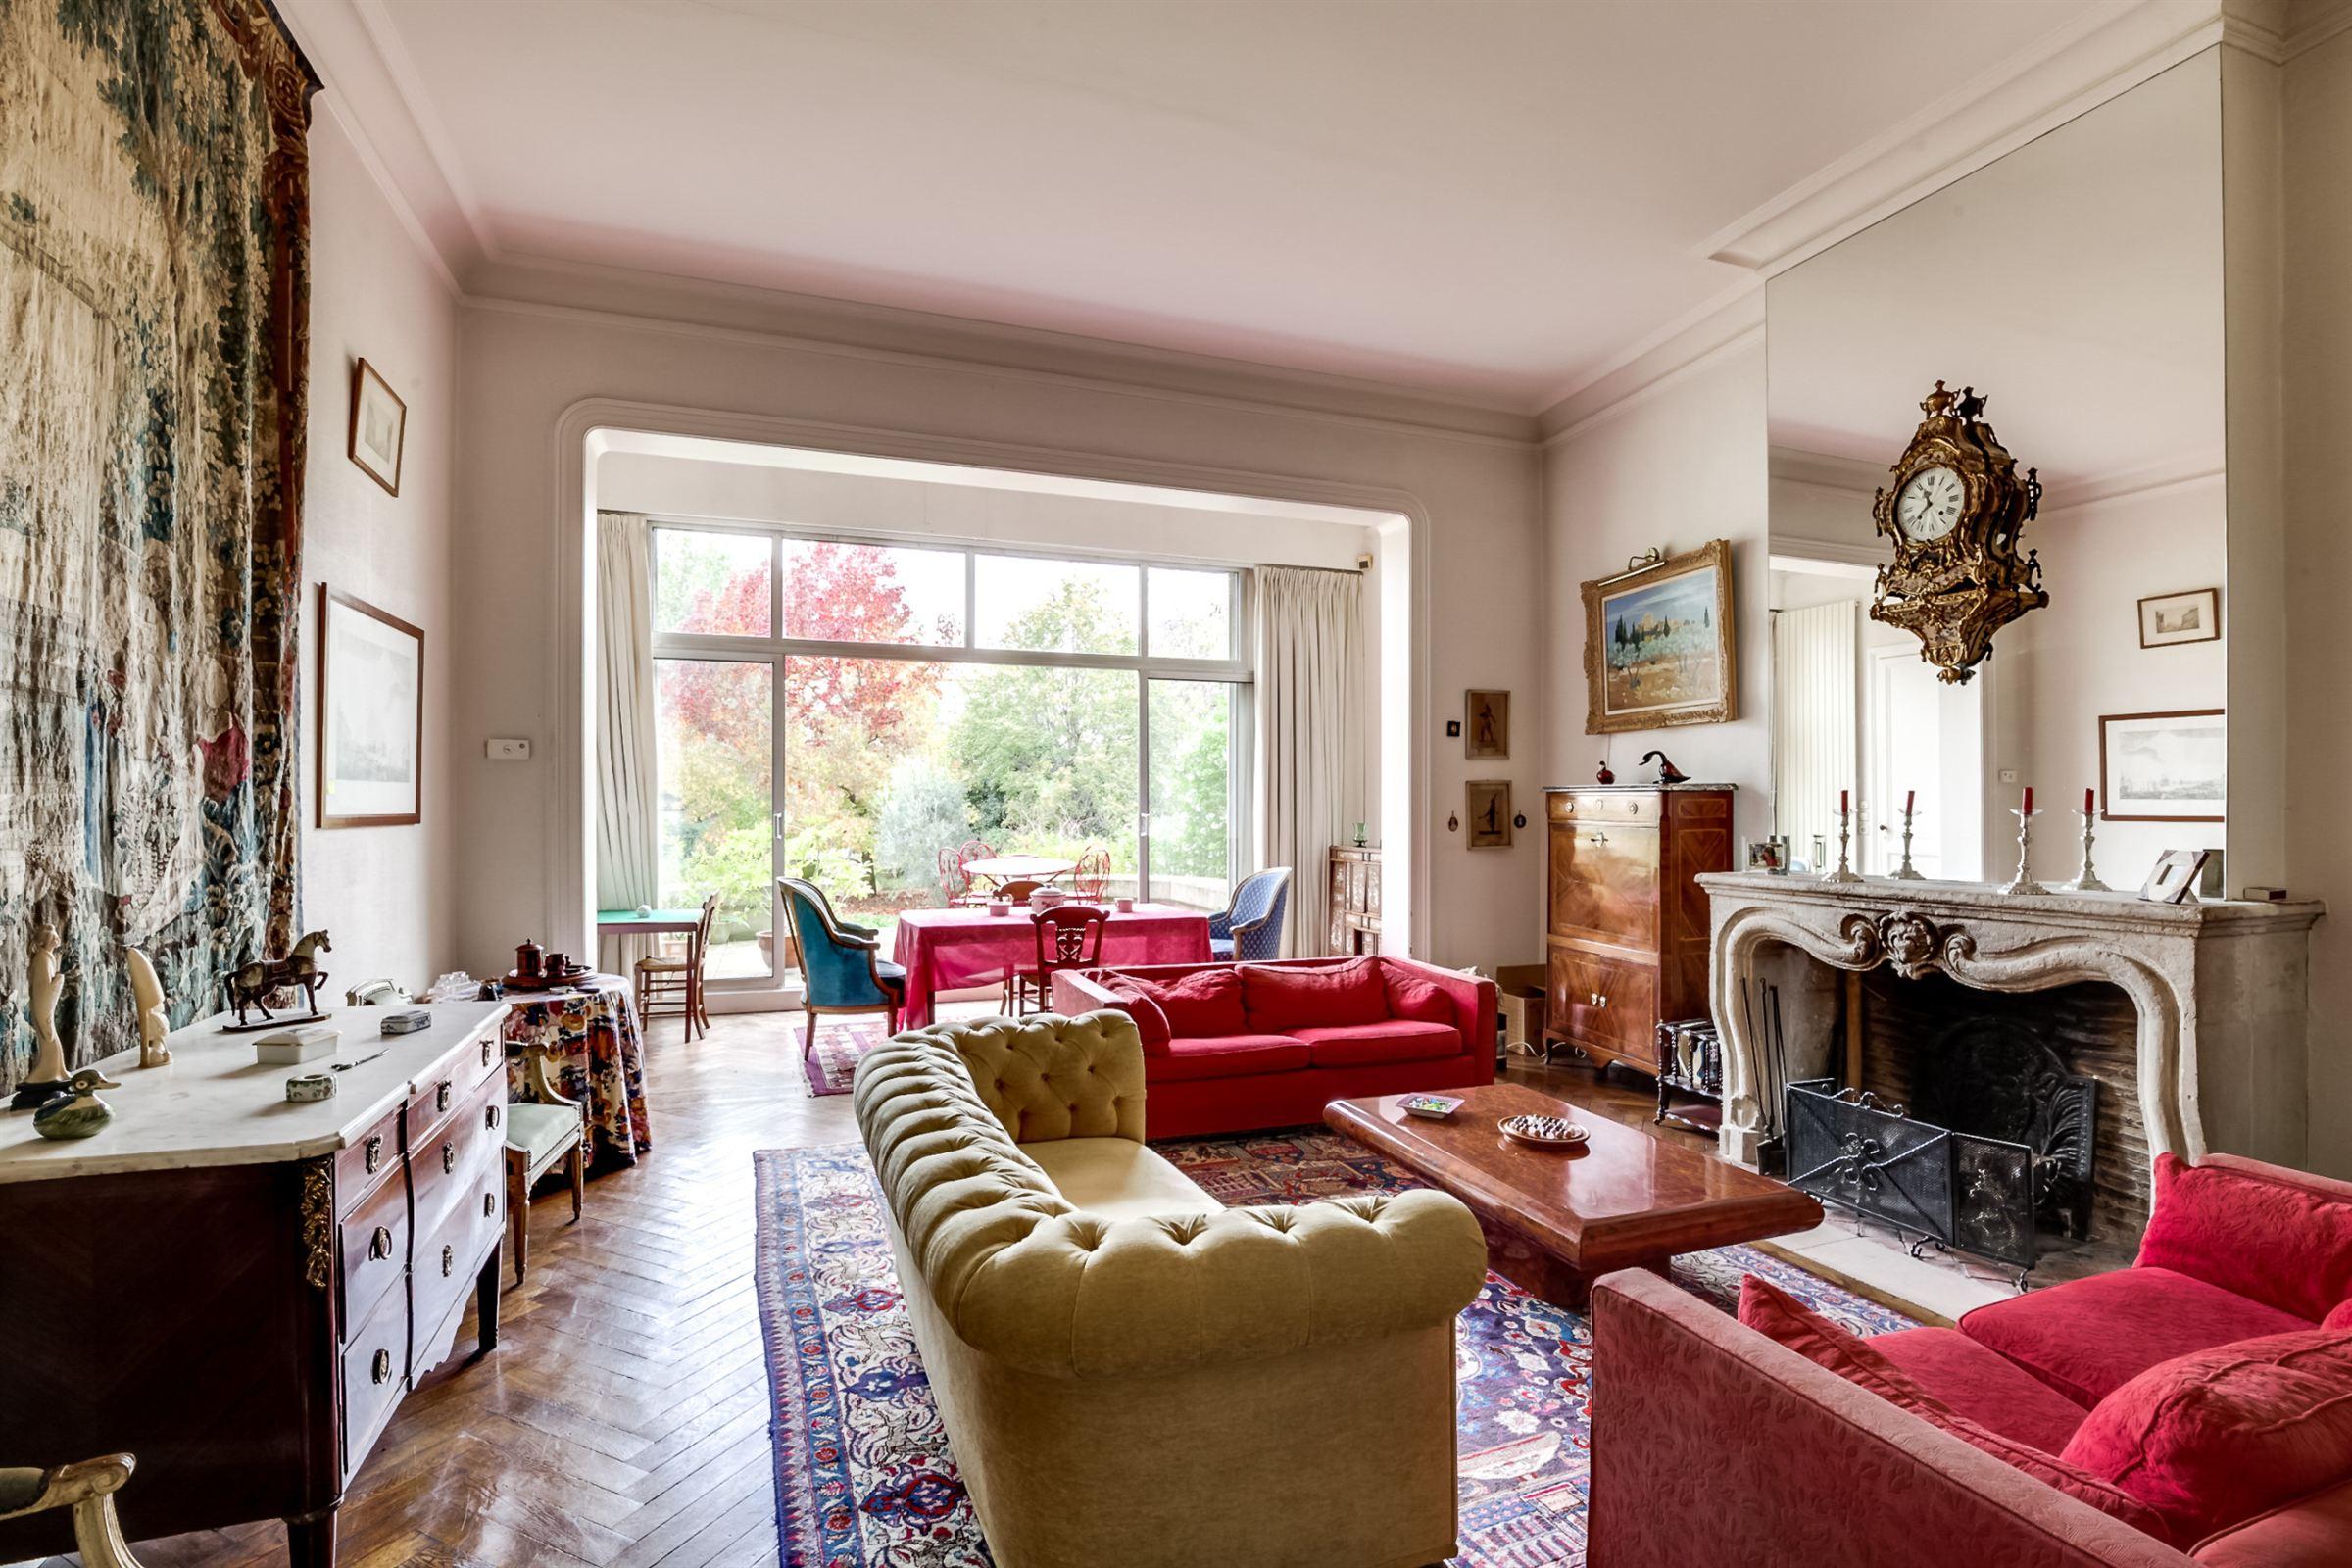 Single Family Home for Sale at BORDEAUX CAUDERAN SPLENDID PRIVATE STONE TOWNHOUSE Bordeaux, Aquitaine, 33200 France